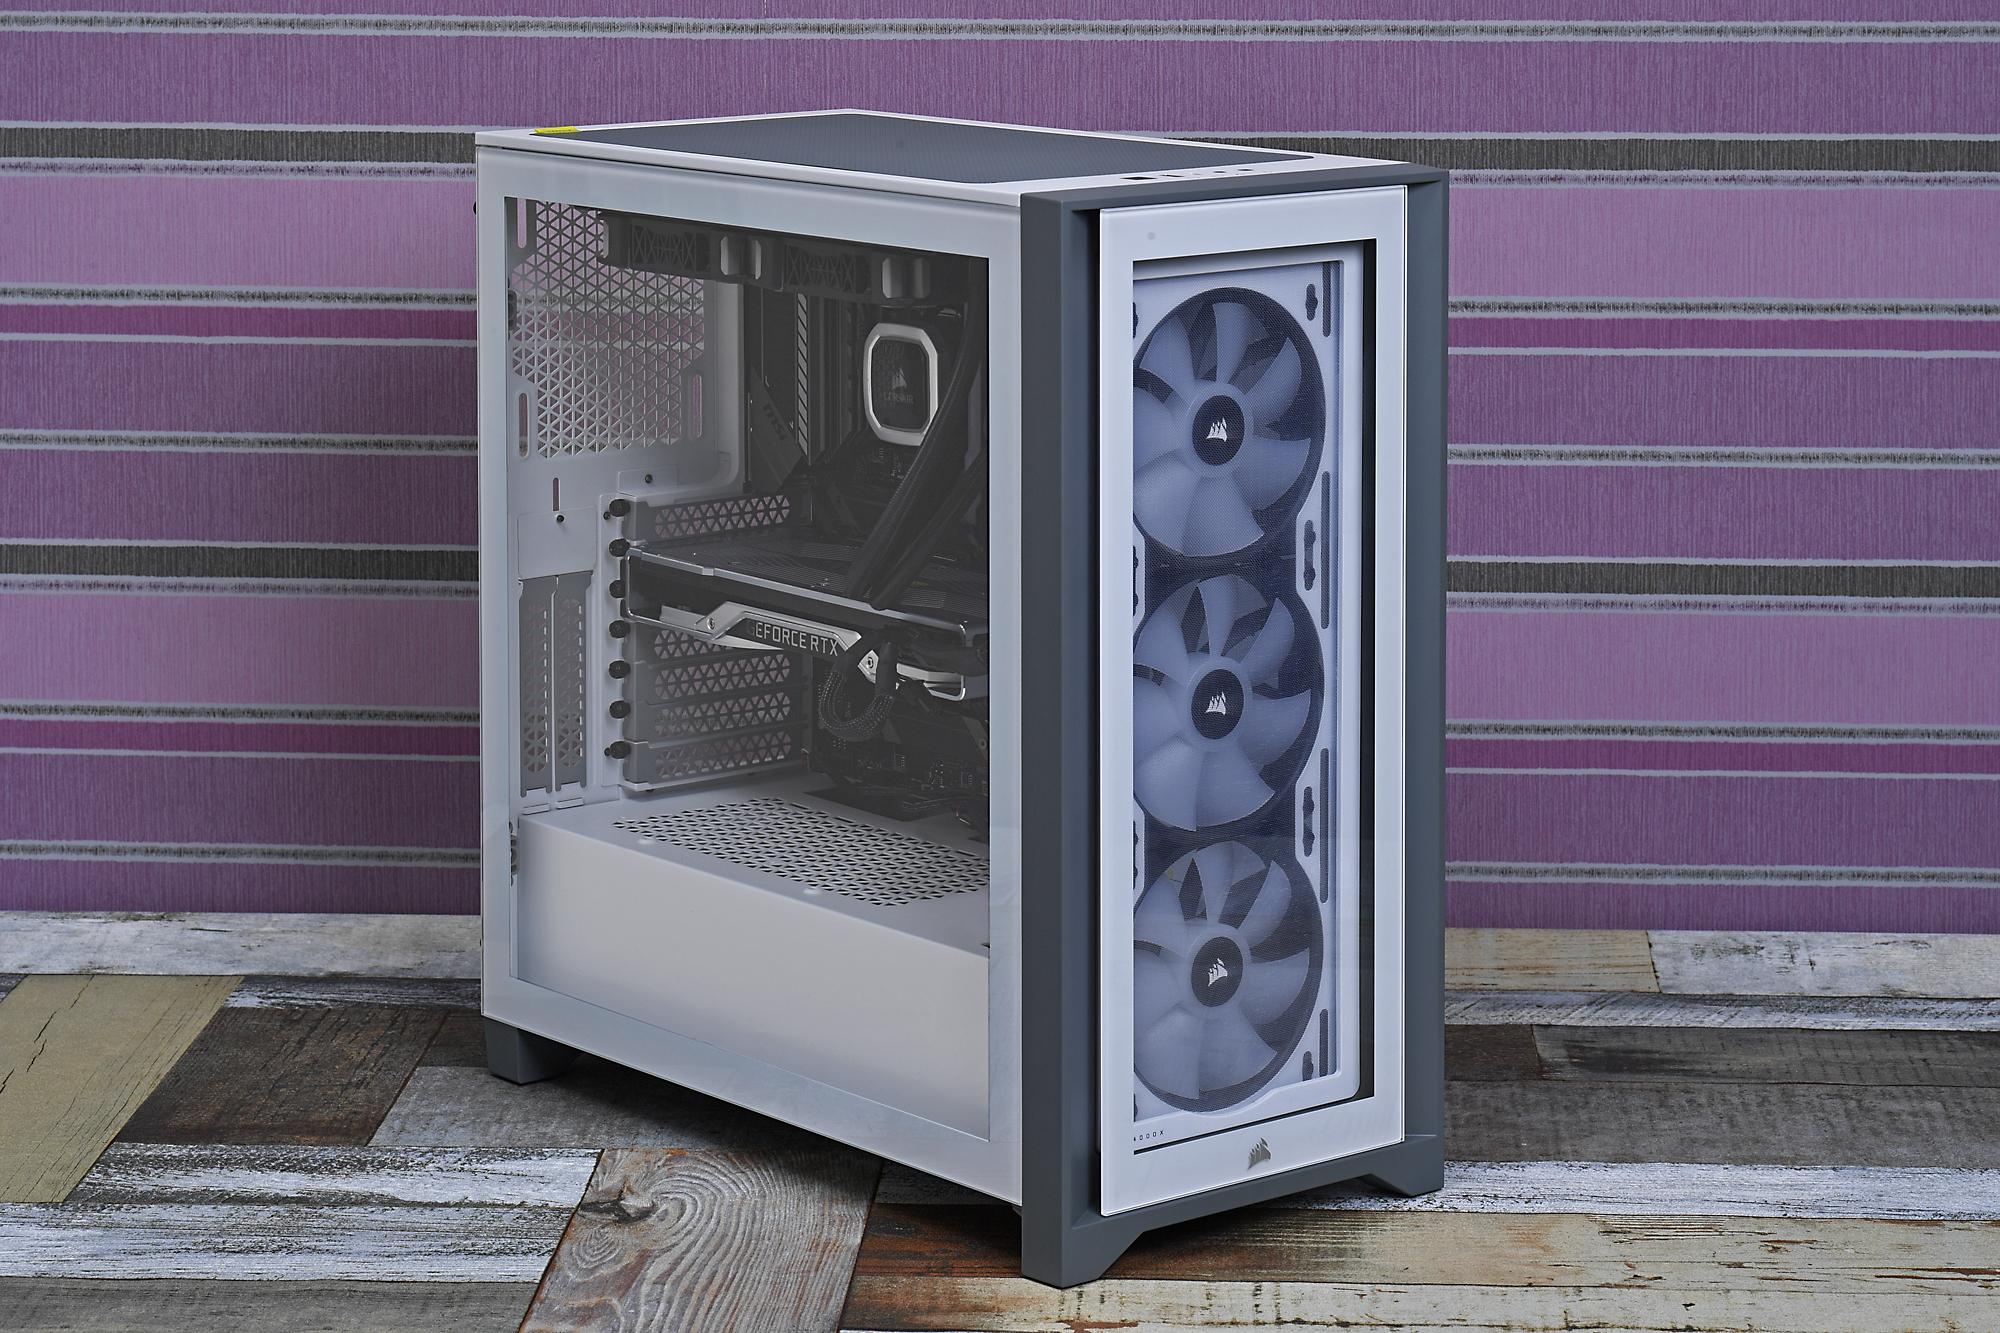 アドレサブルLED搭載のケースファンを3基装備する「iCUE 4000X RGB Tempered Glass」、実売価格は税込20,000円前後。